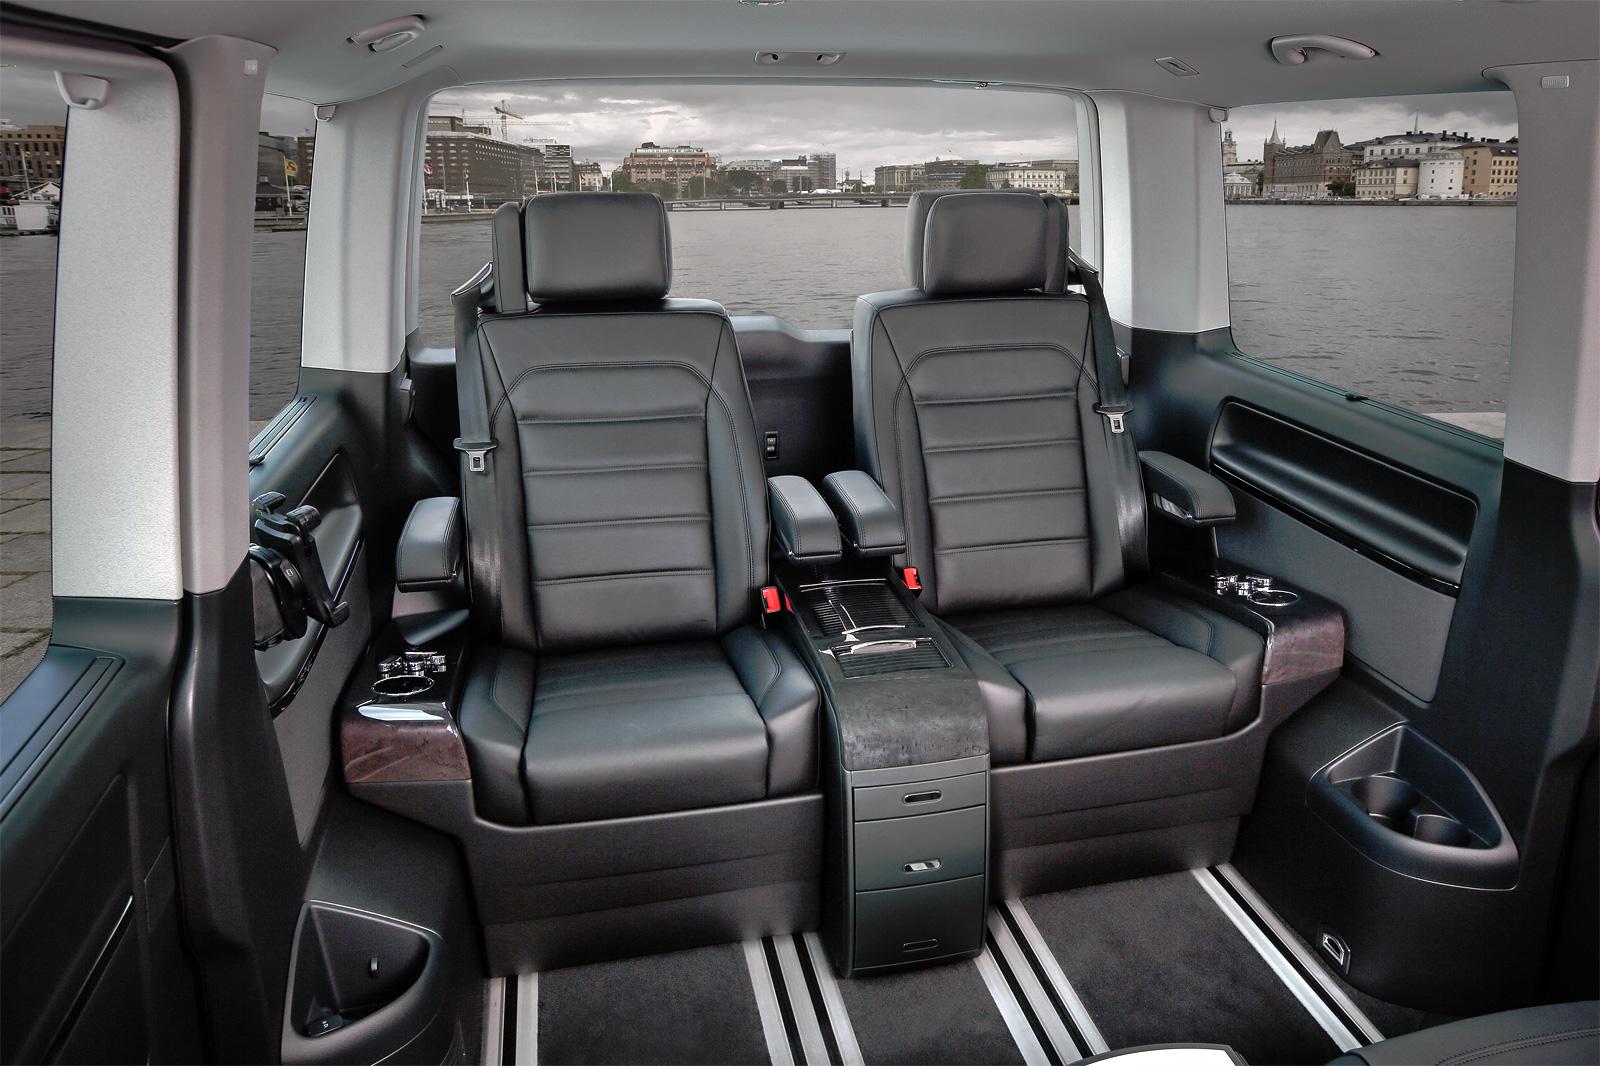 Volkswagen Multivan Business (T6) цена и характеристики ...